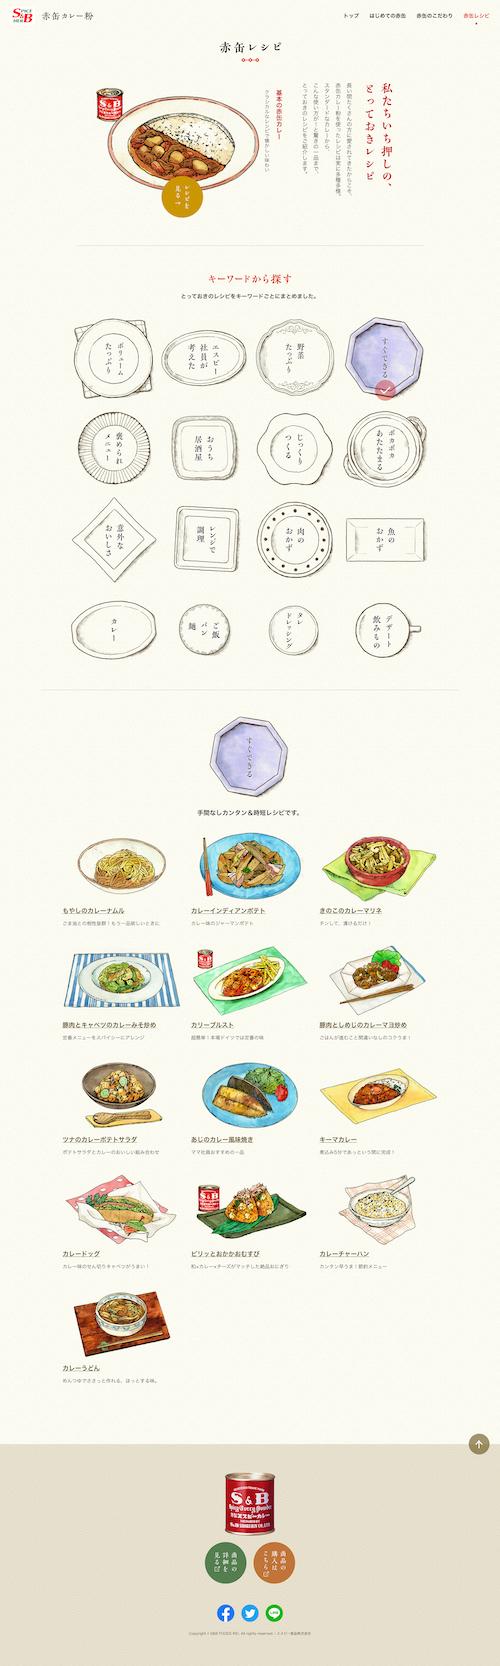 sbfoods-akakan-recipe